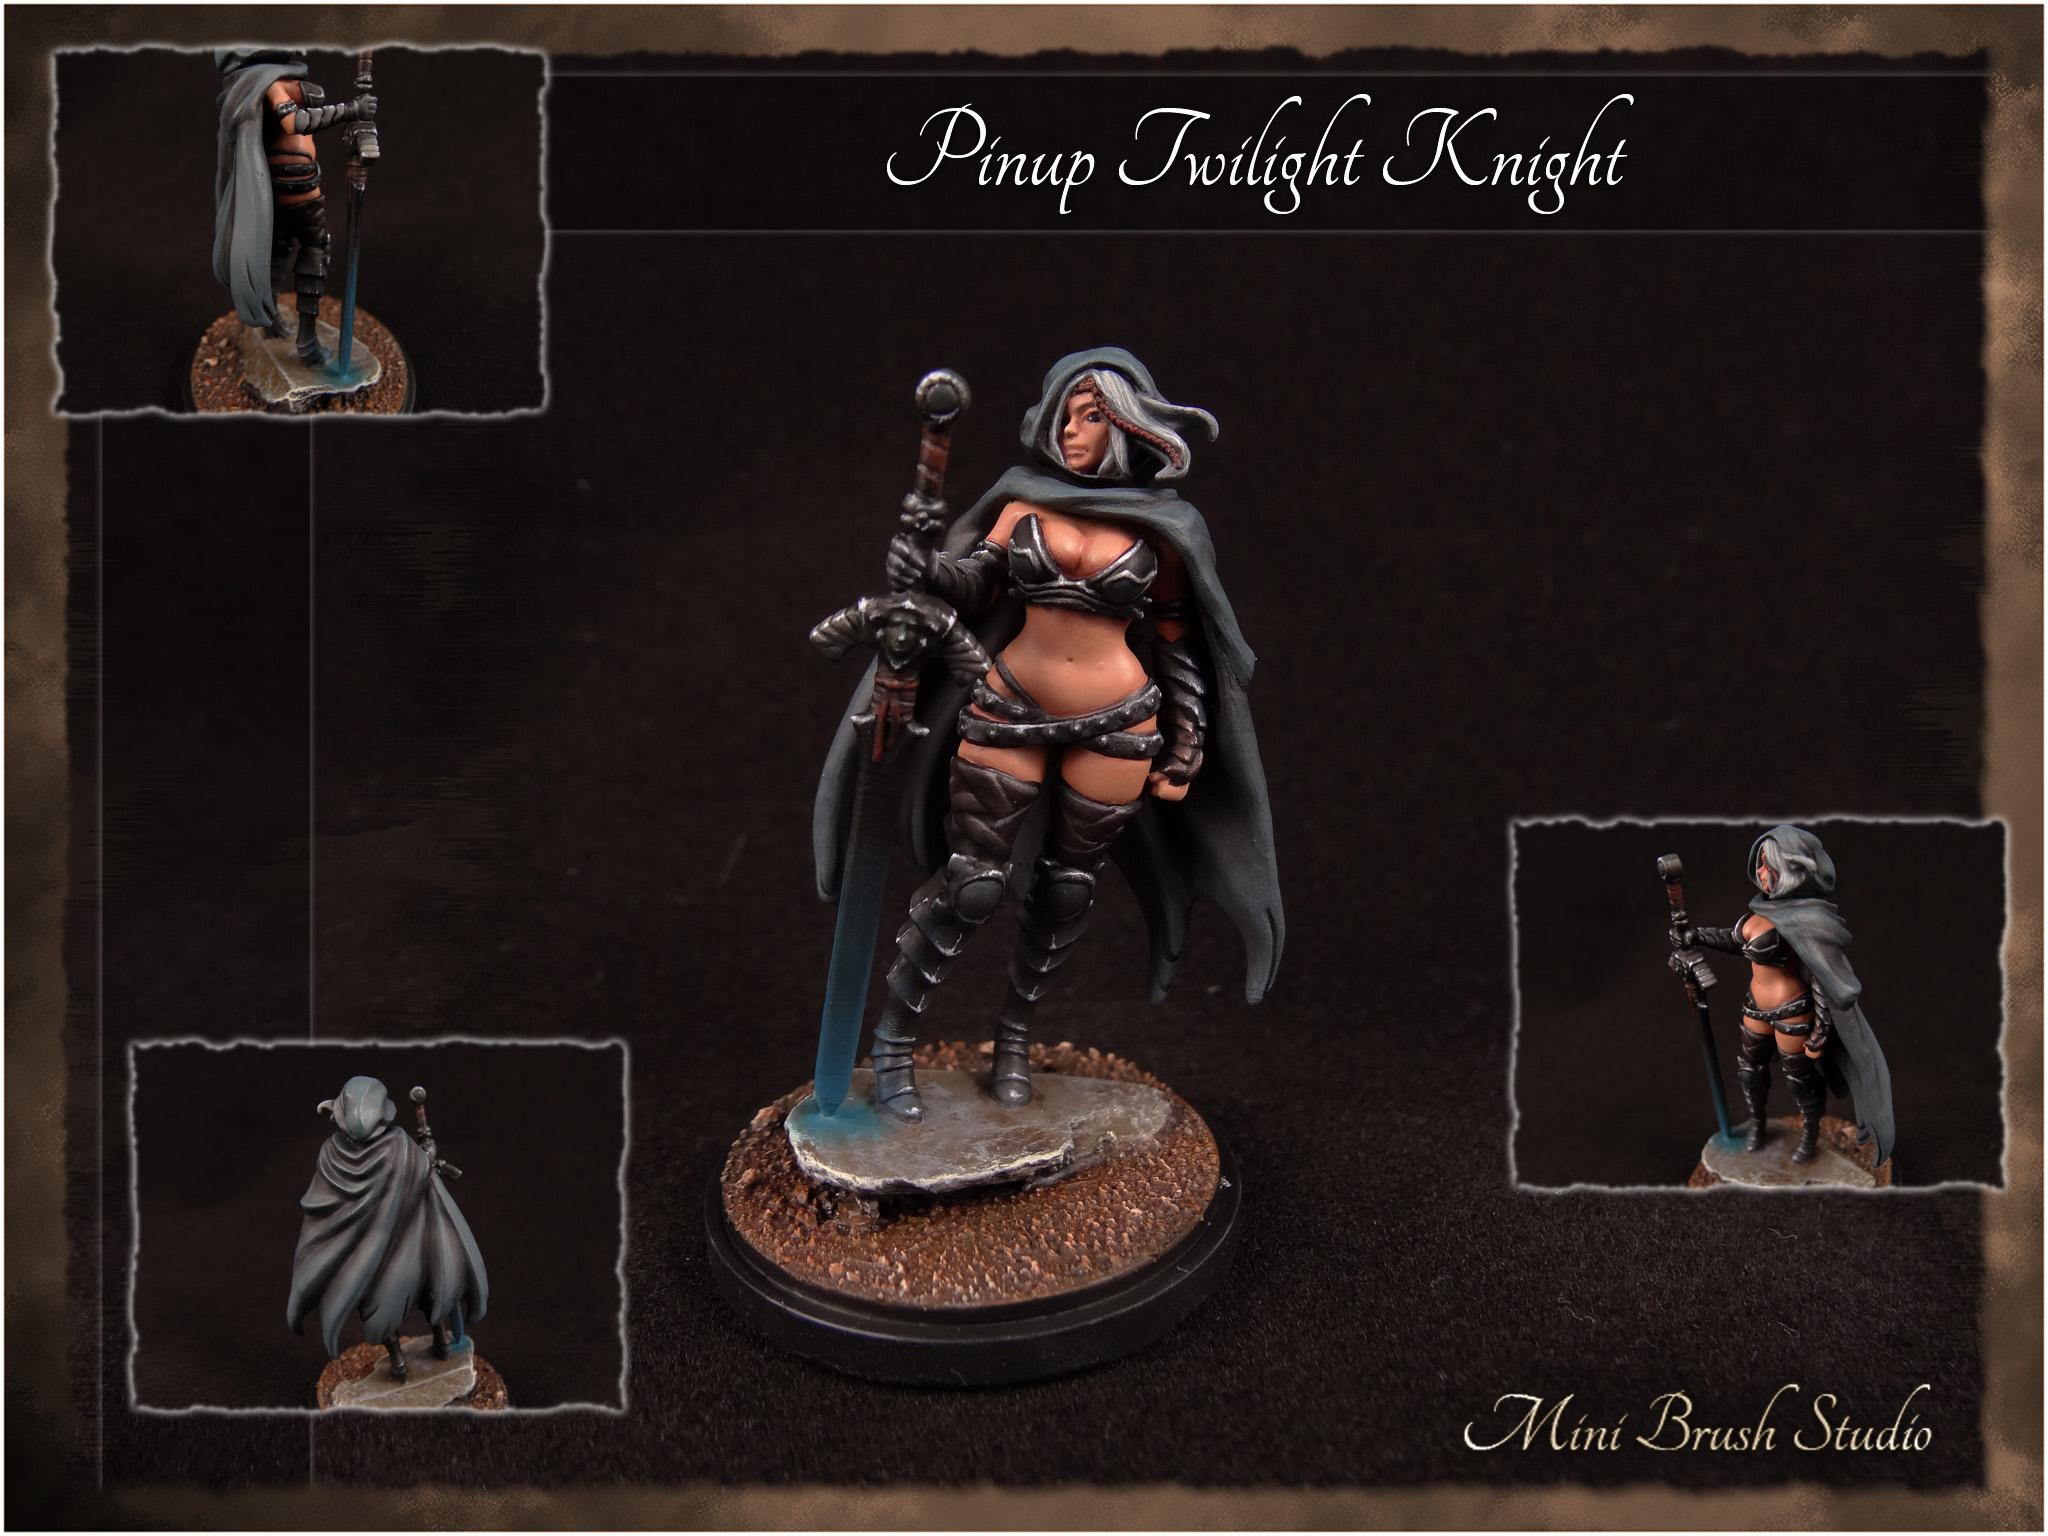 Pinup Twilight Knight 1 v7.00.jpg